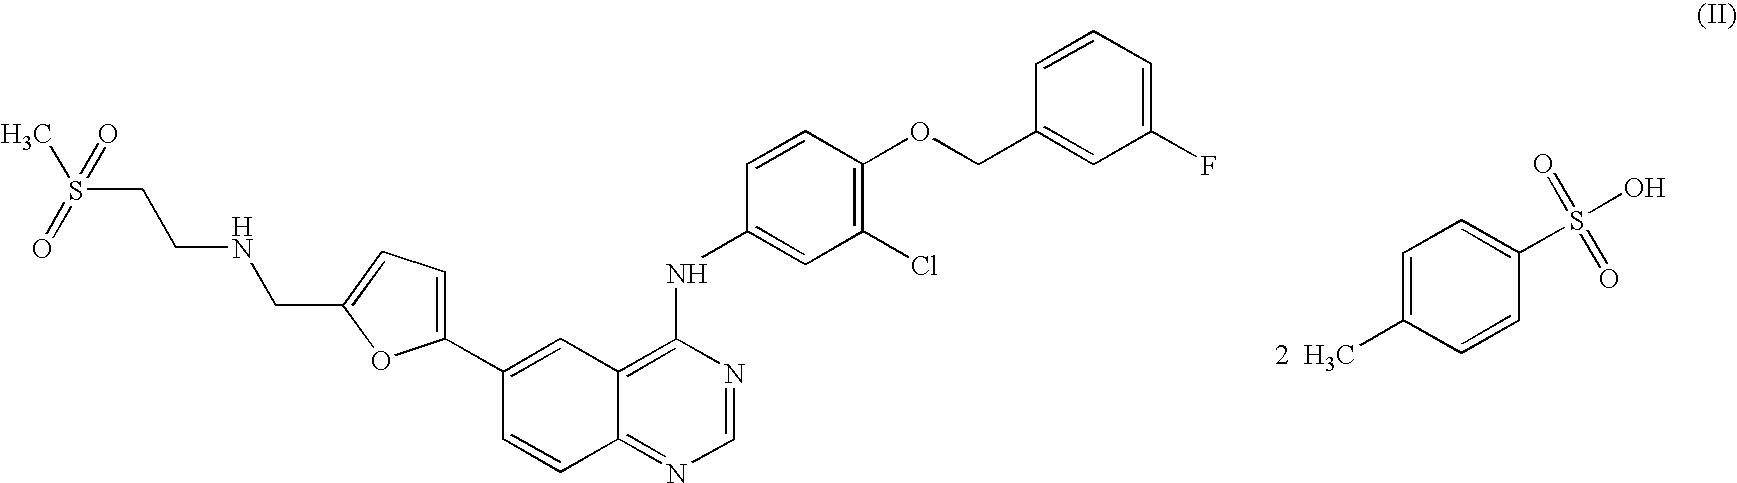 Figure US07157466-20070102-C00002